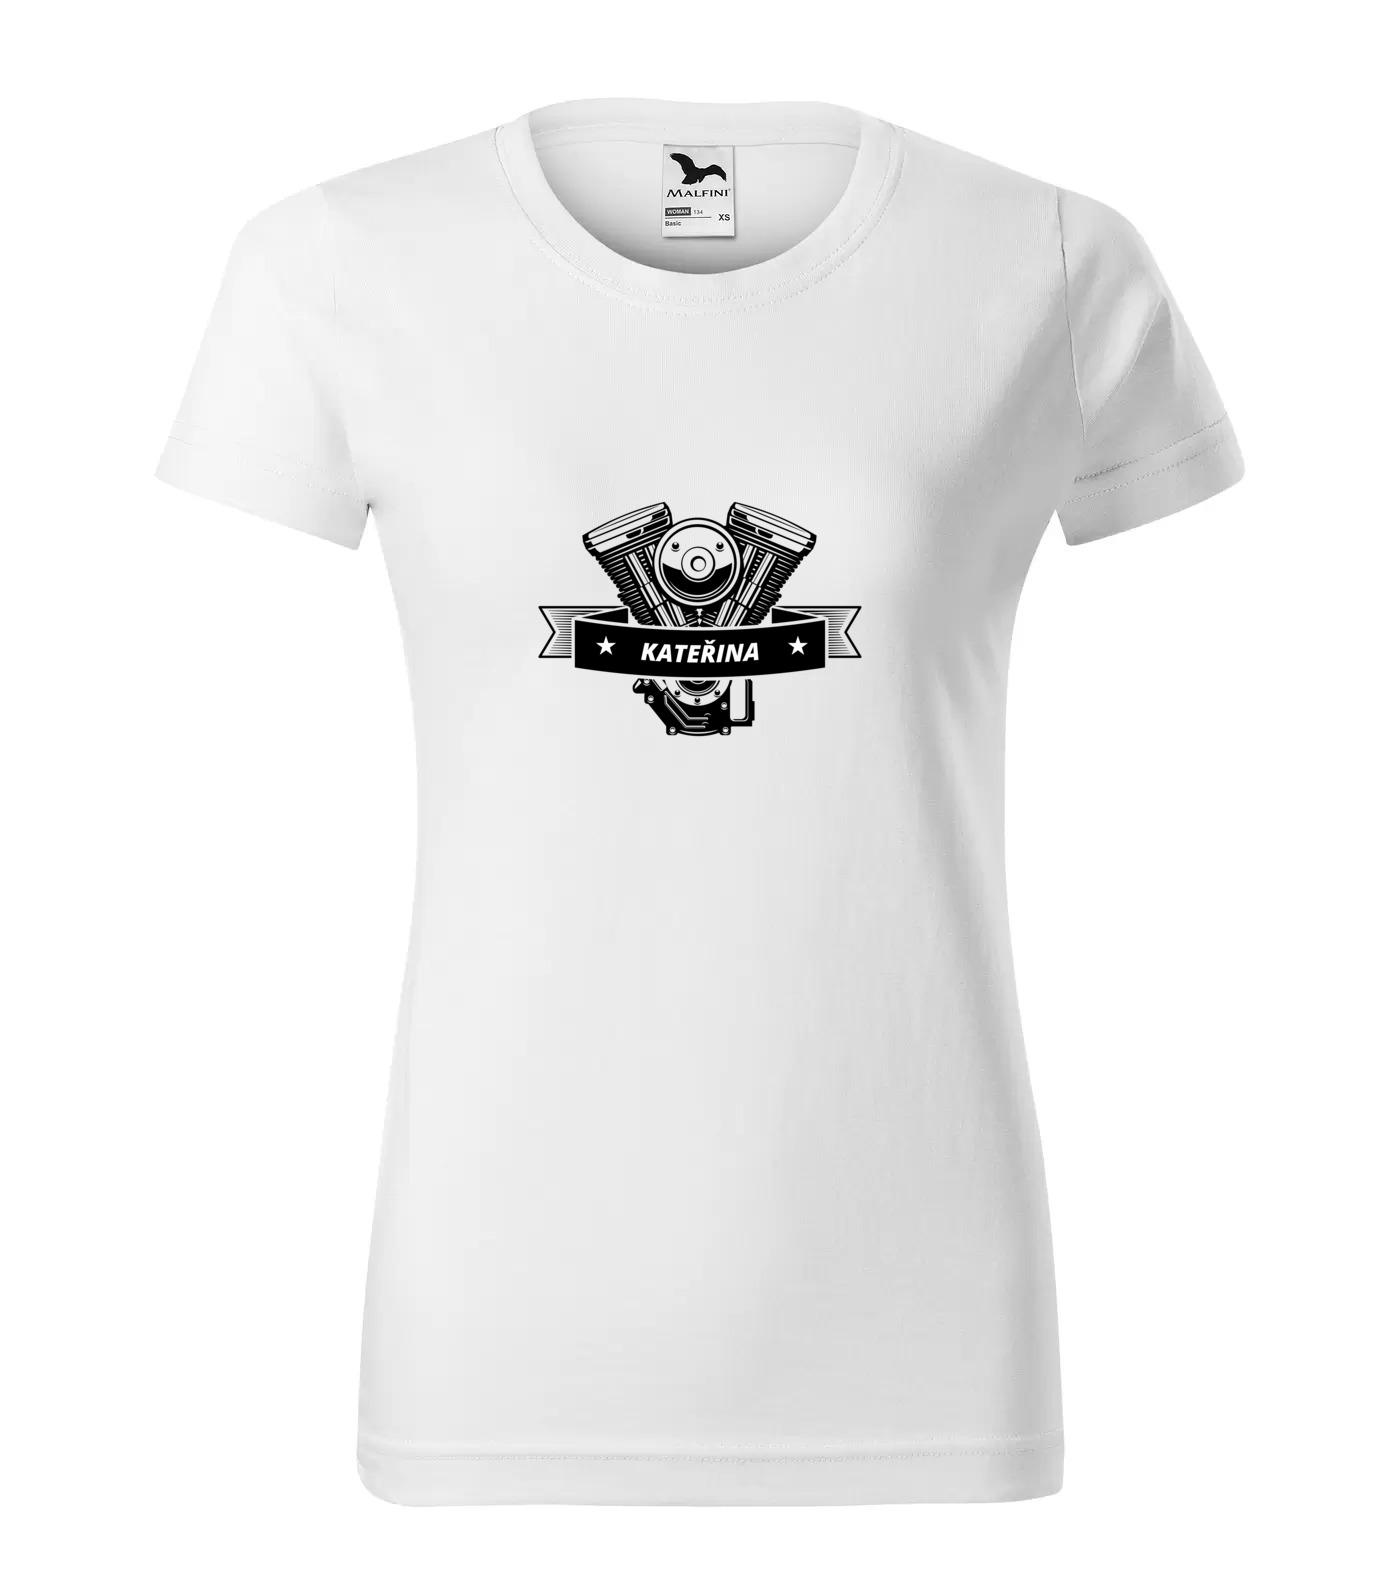 Tričko Motorkářka Kateřina